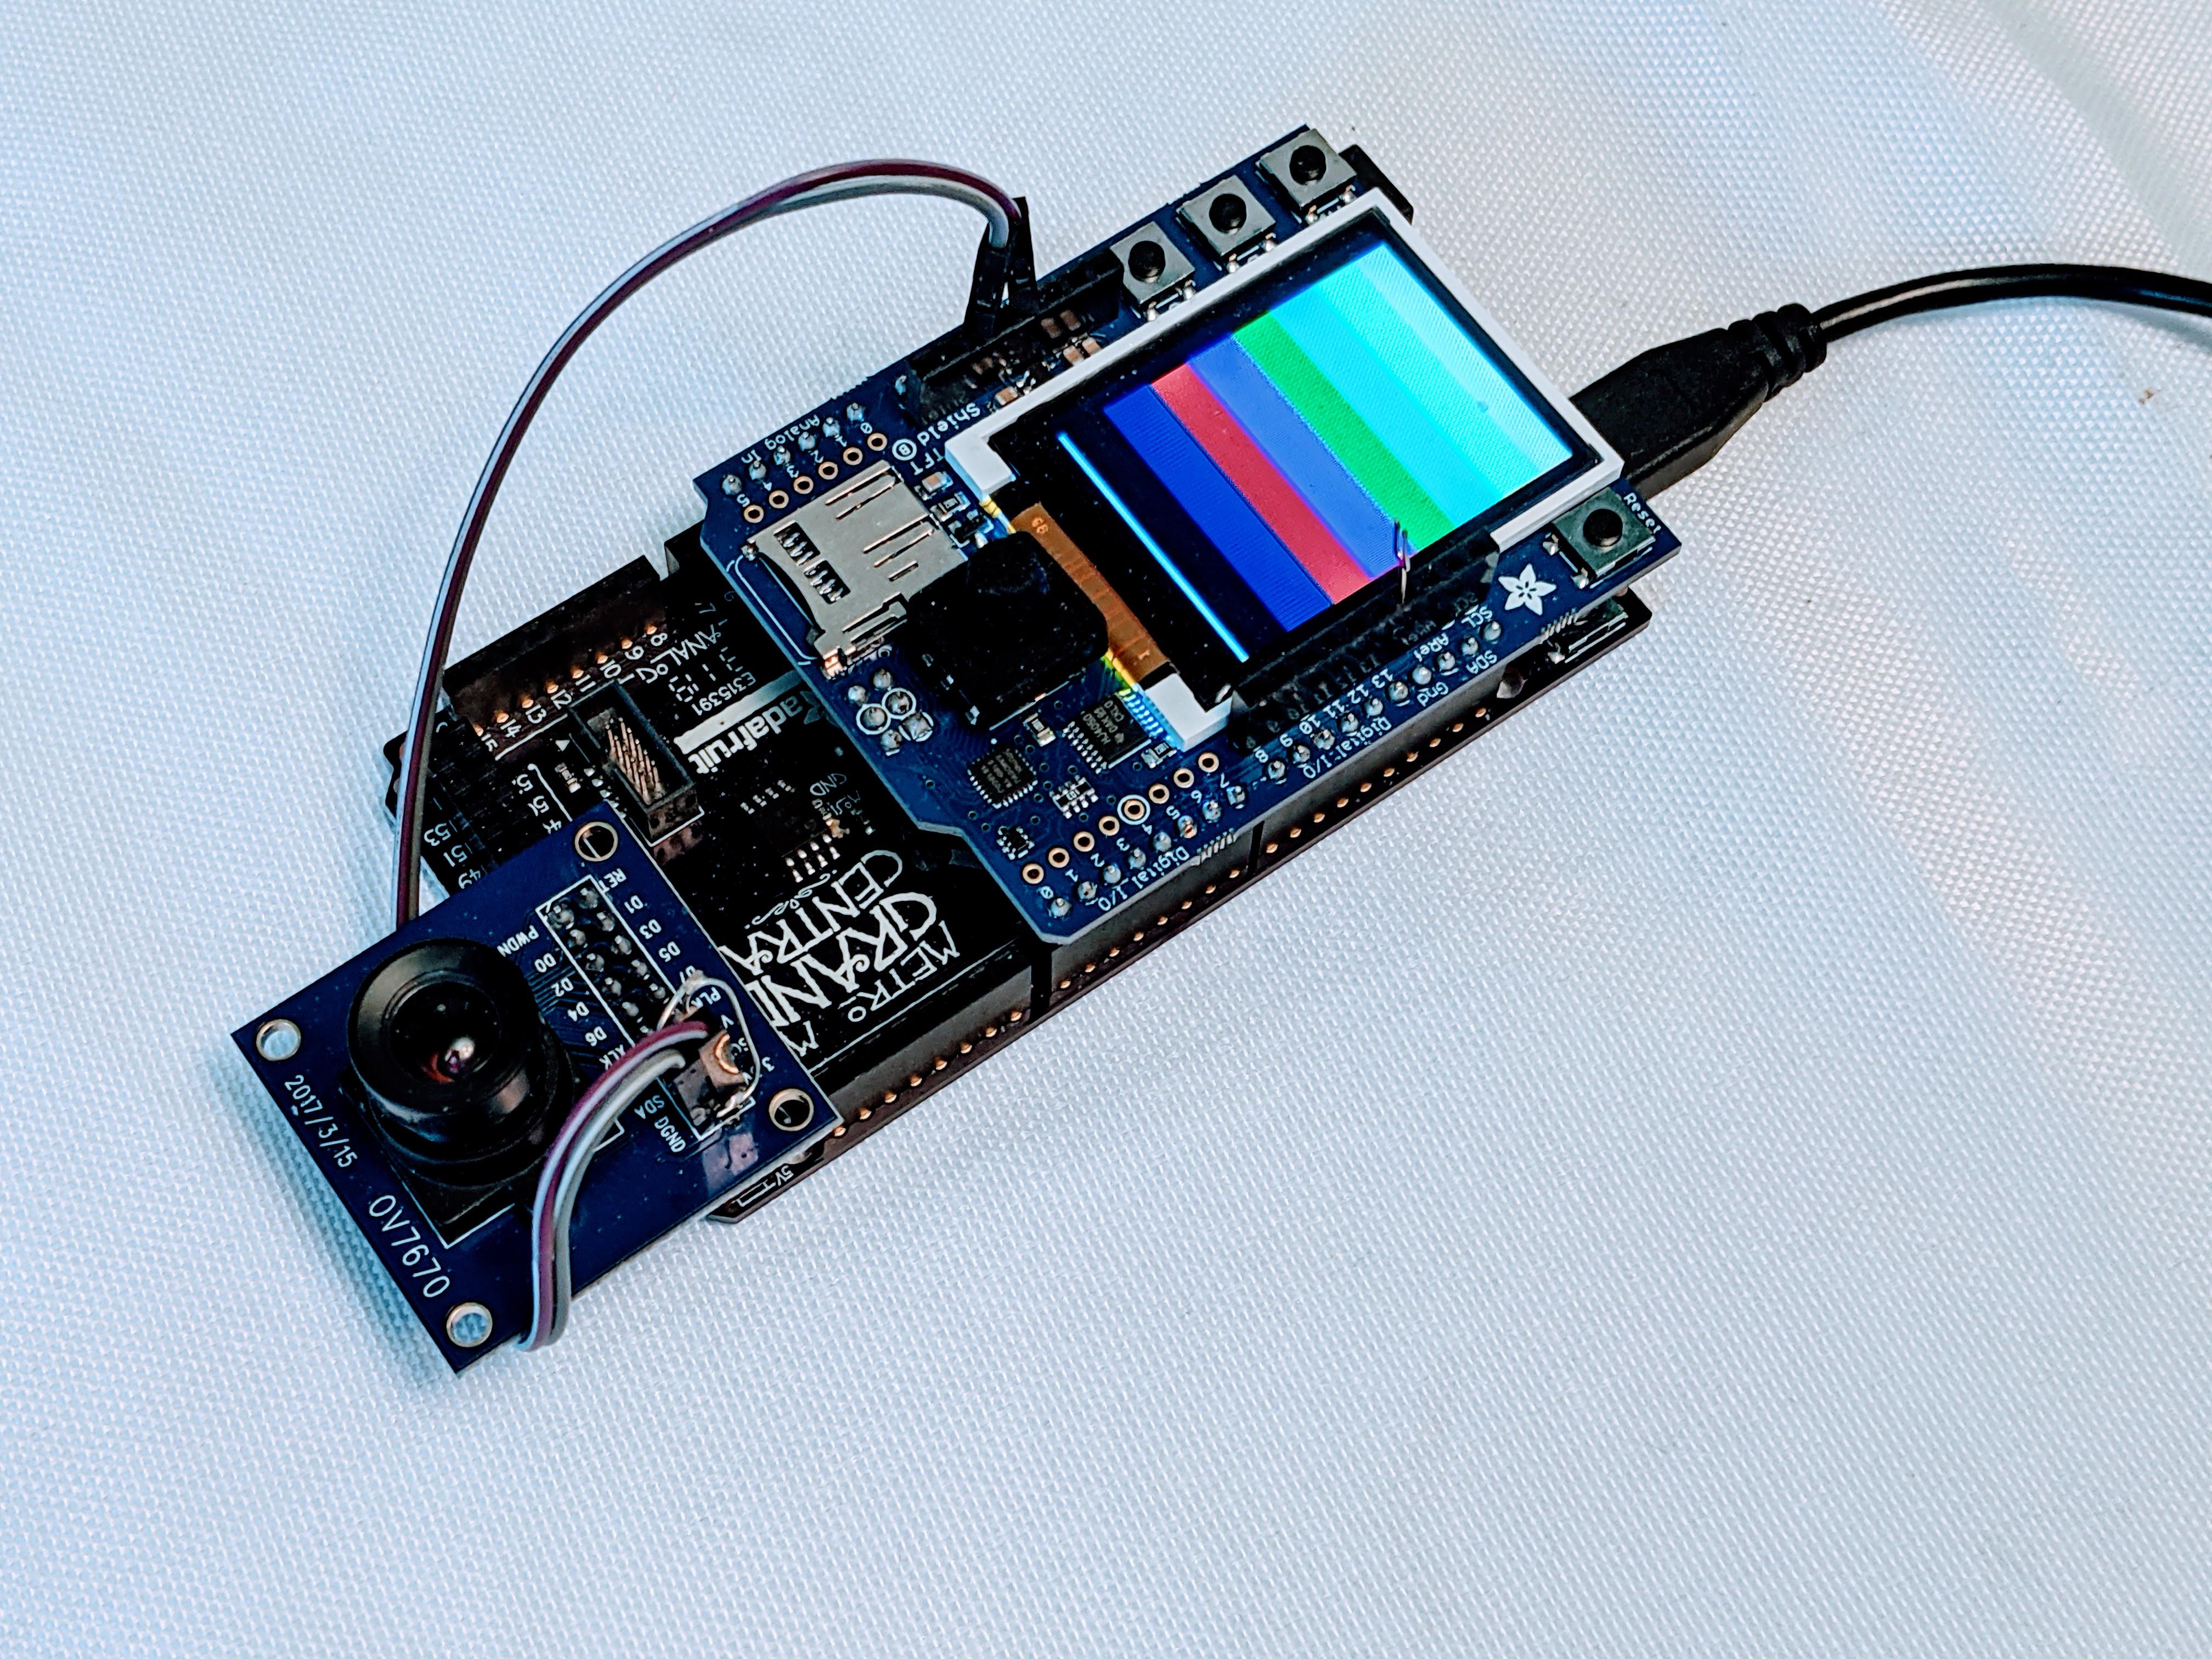 sensors_PXL_20210628_152641944.jpg